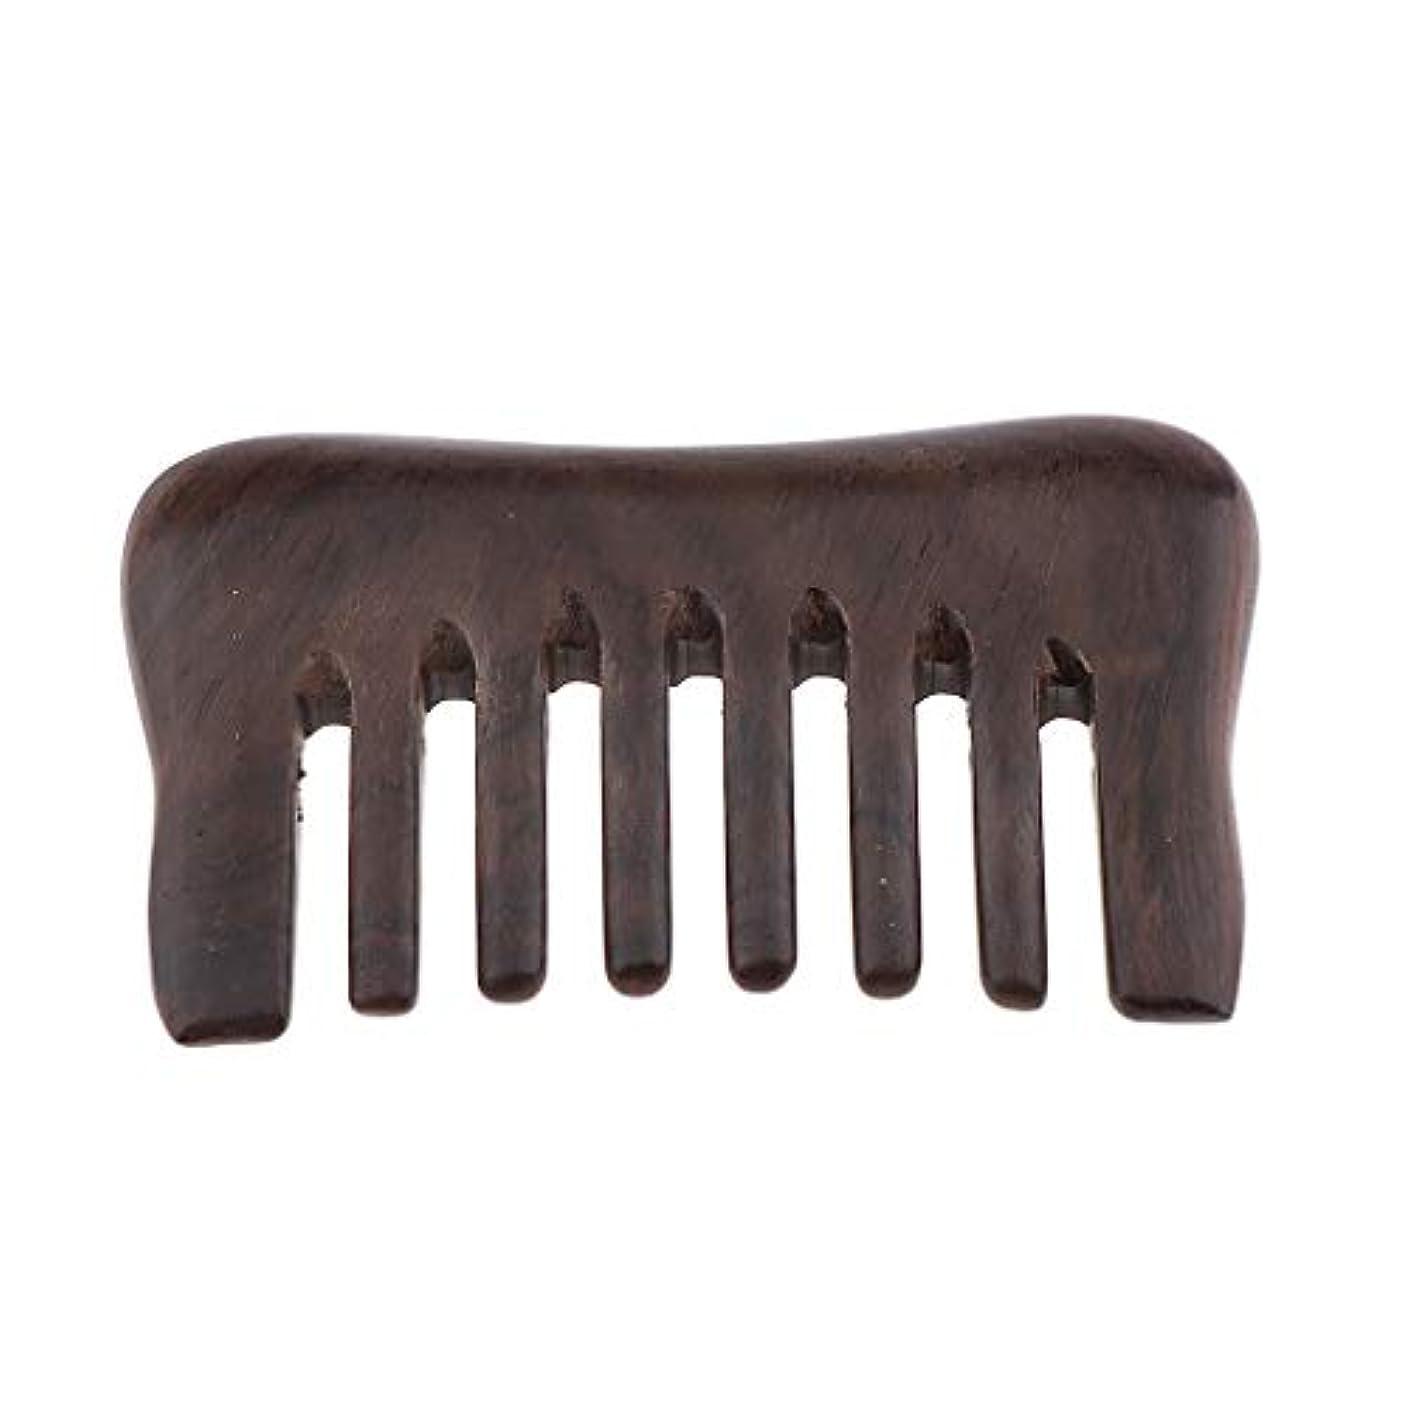 ばか通常穴帯電防止櫛 ウッドコーム 頭皮マッサージ ヘアブラシ プレゼント 3色選べ - 黒檀